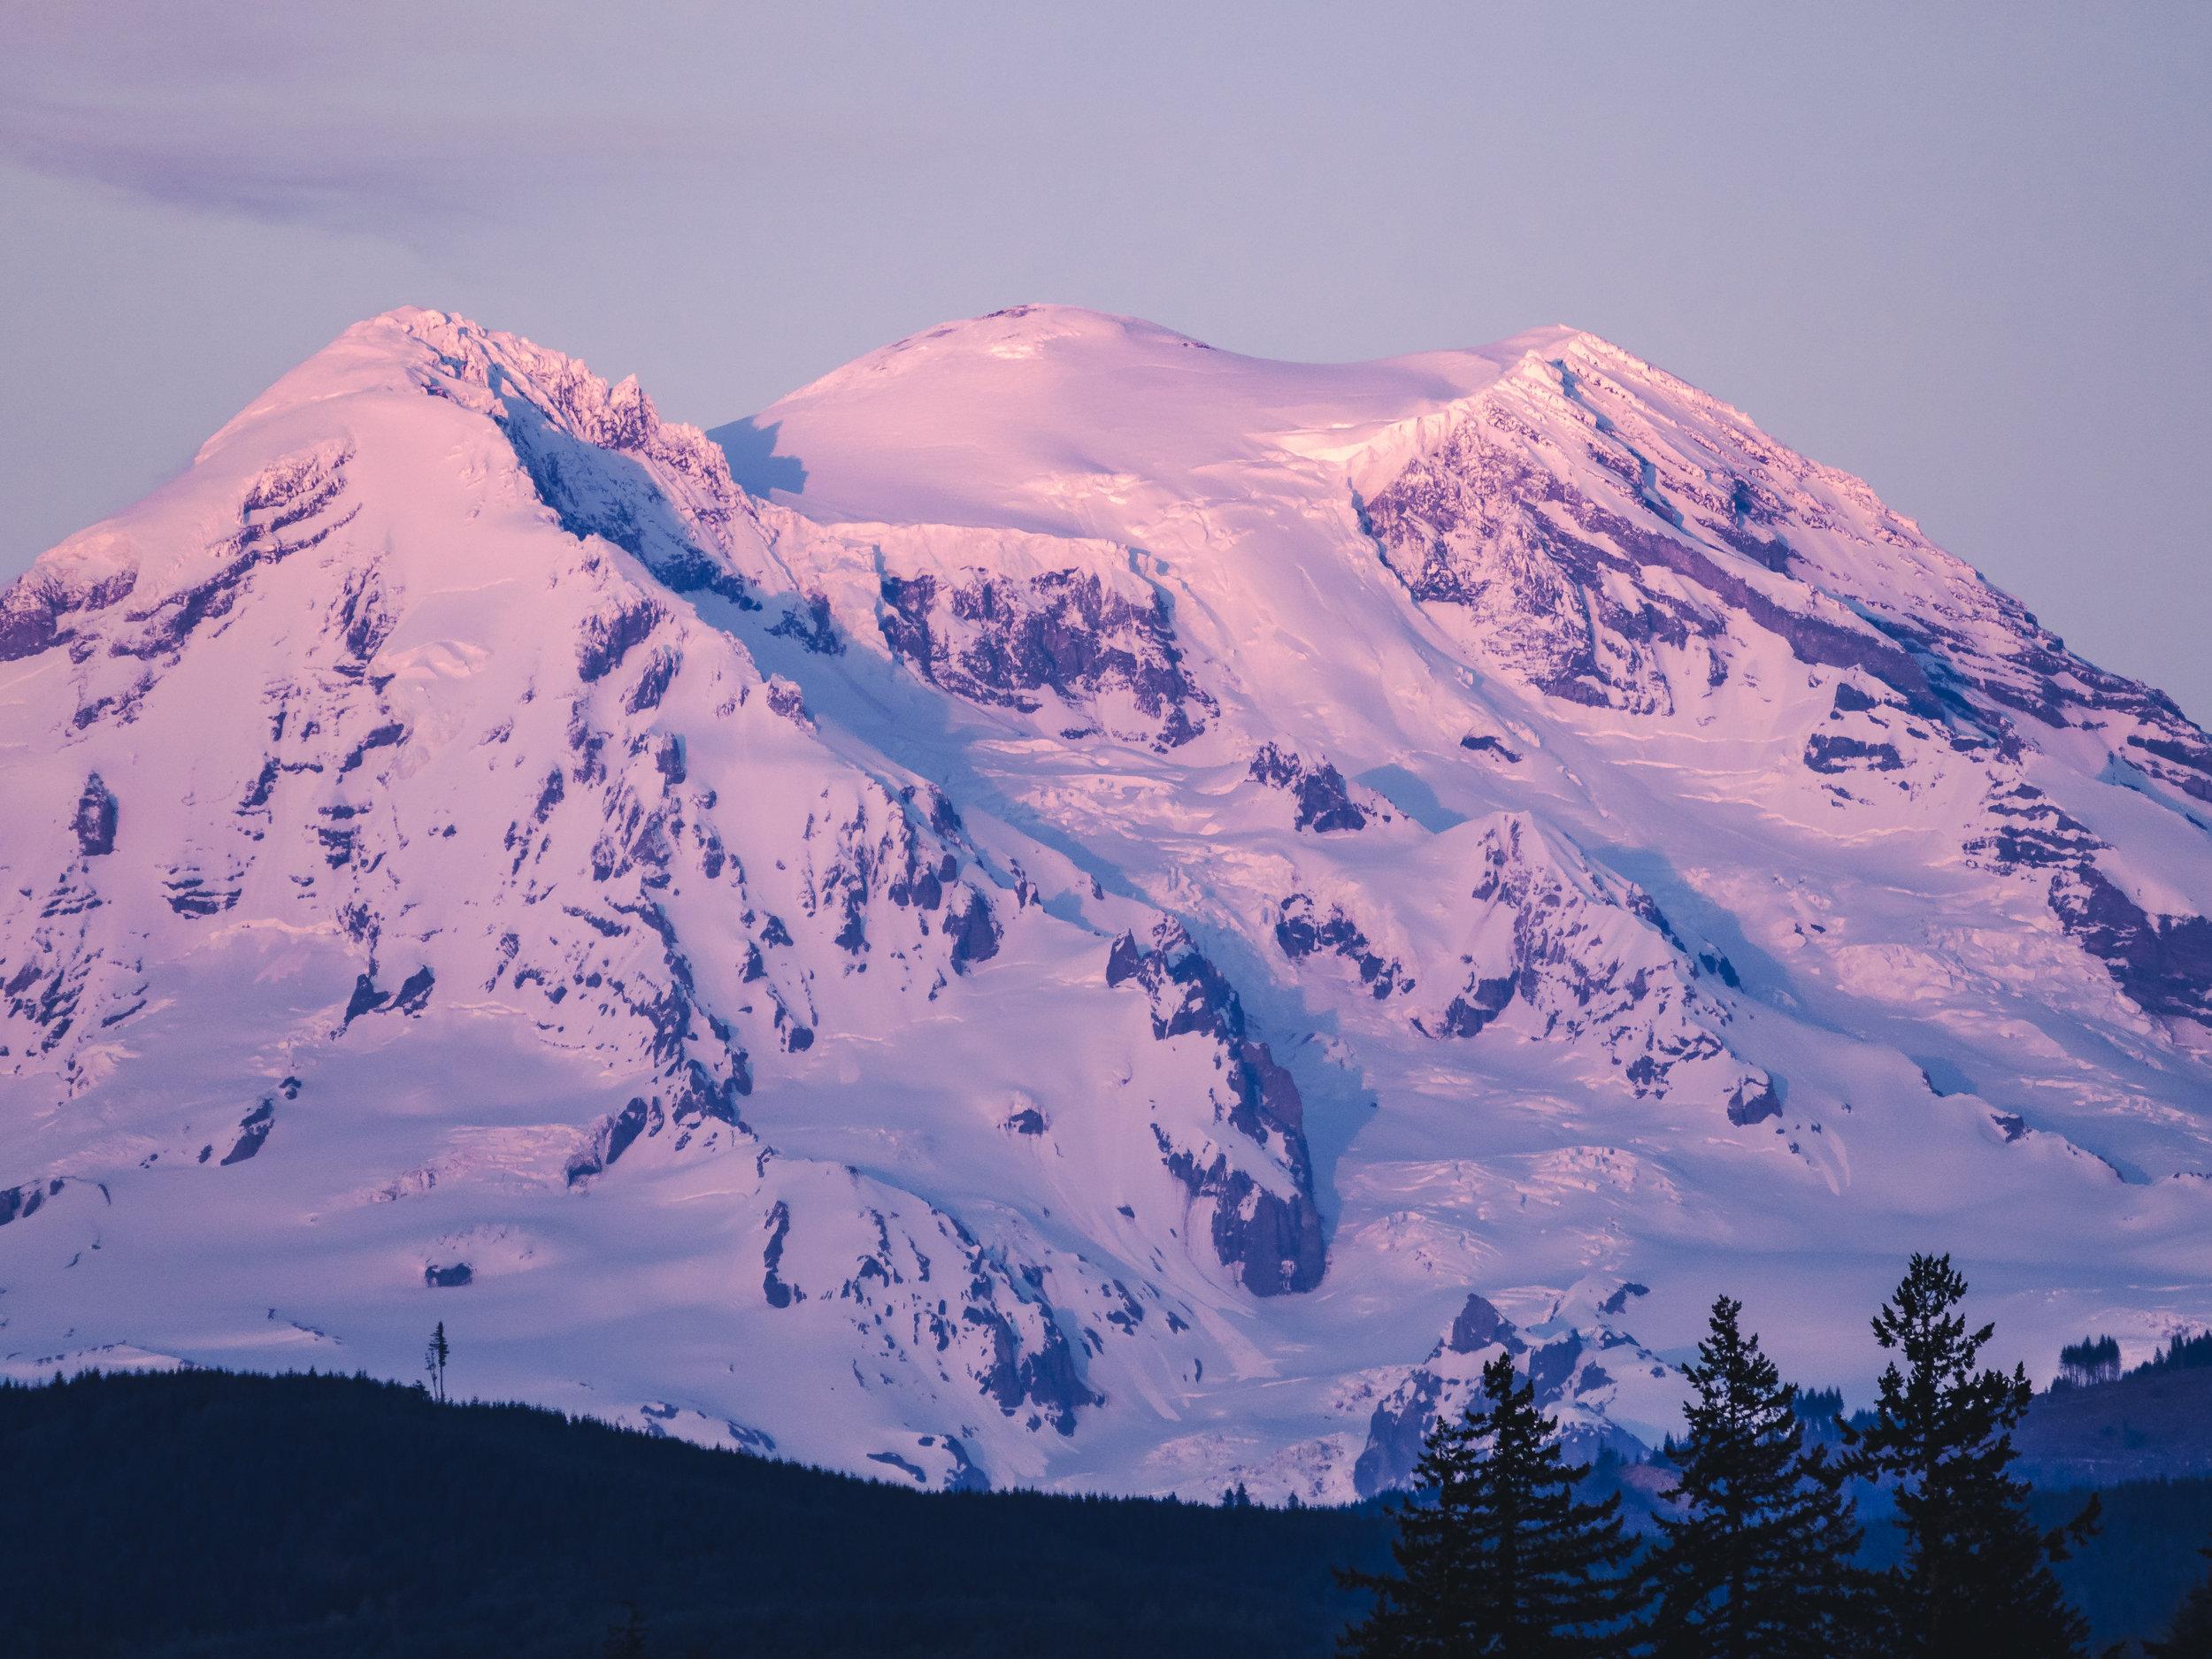 Pink_Peaks_Purple_Rocks_Mt_Rainier_Sunset.jpg